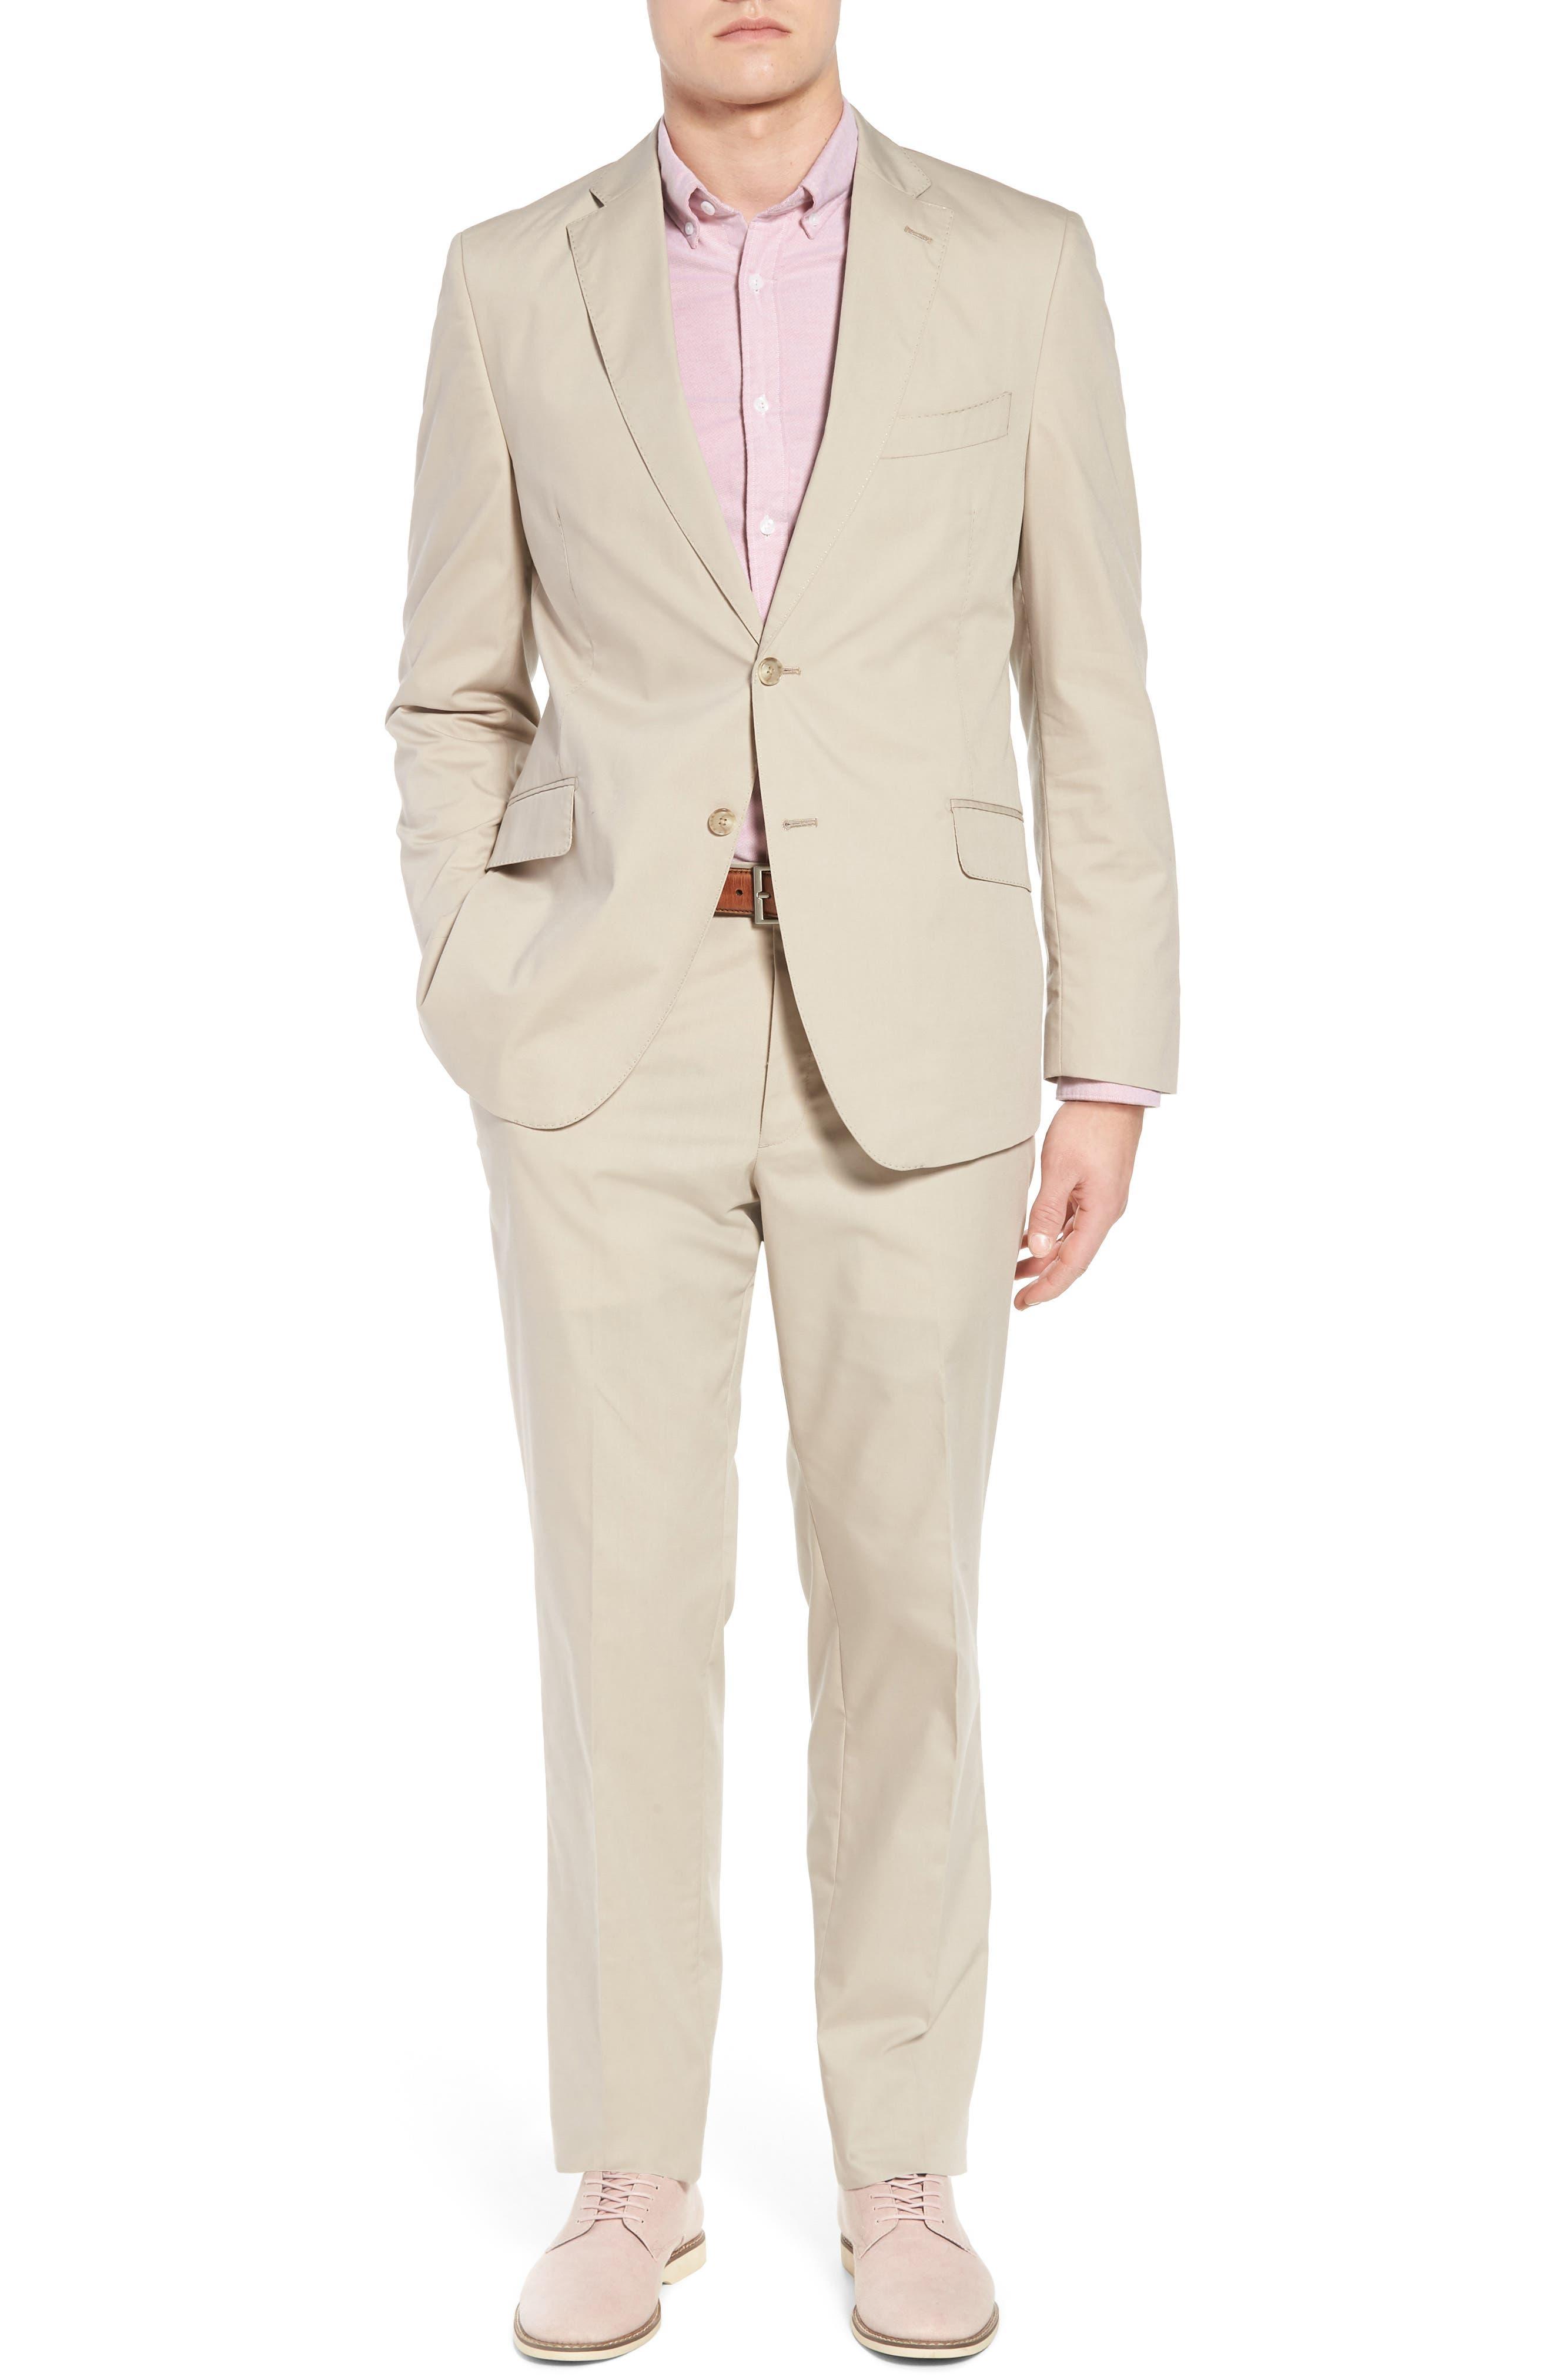 Irons AIM Classic Fit Solid Cotton Blend Suit,                             Main thumbnail 1, color,                             Beige